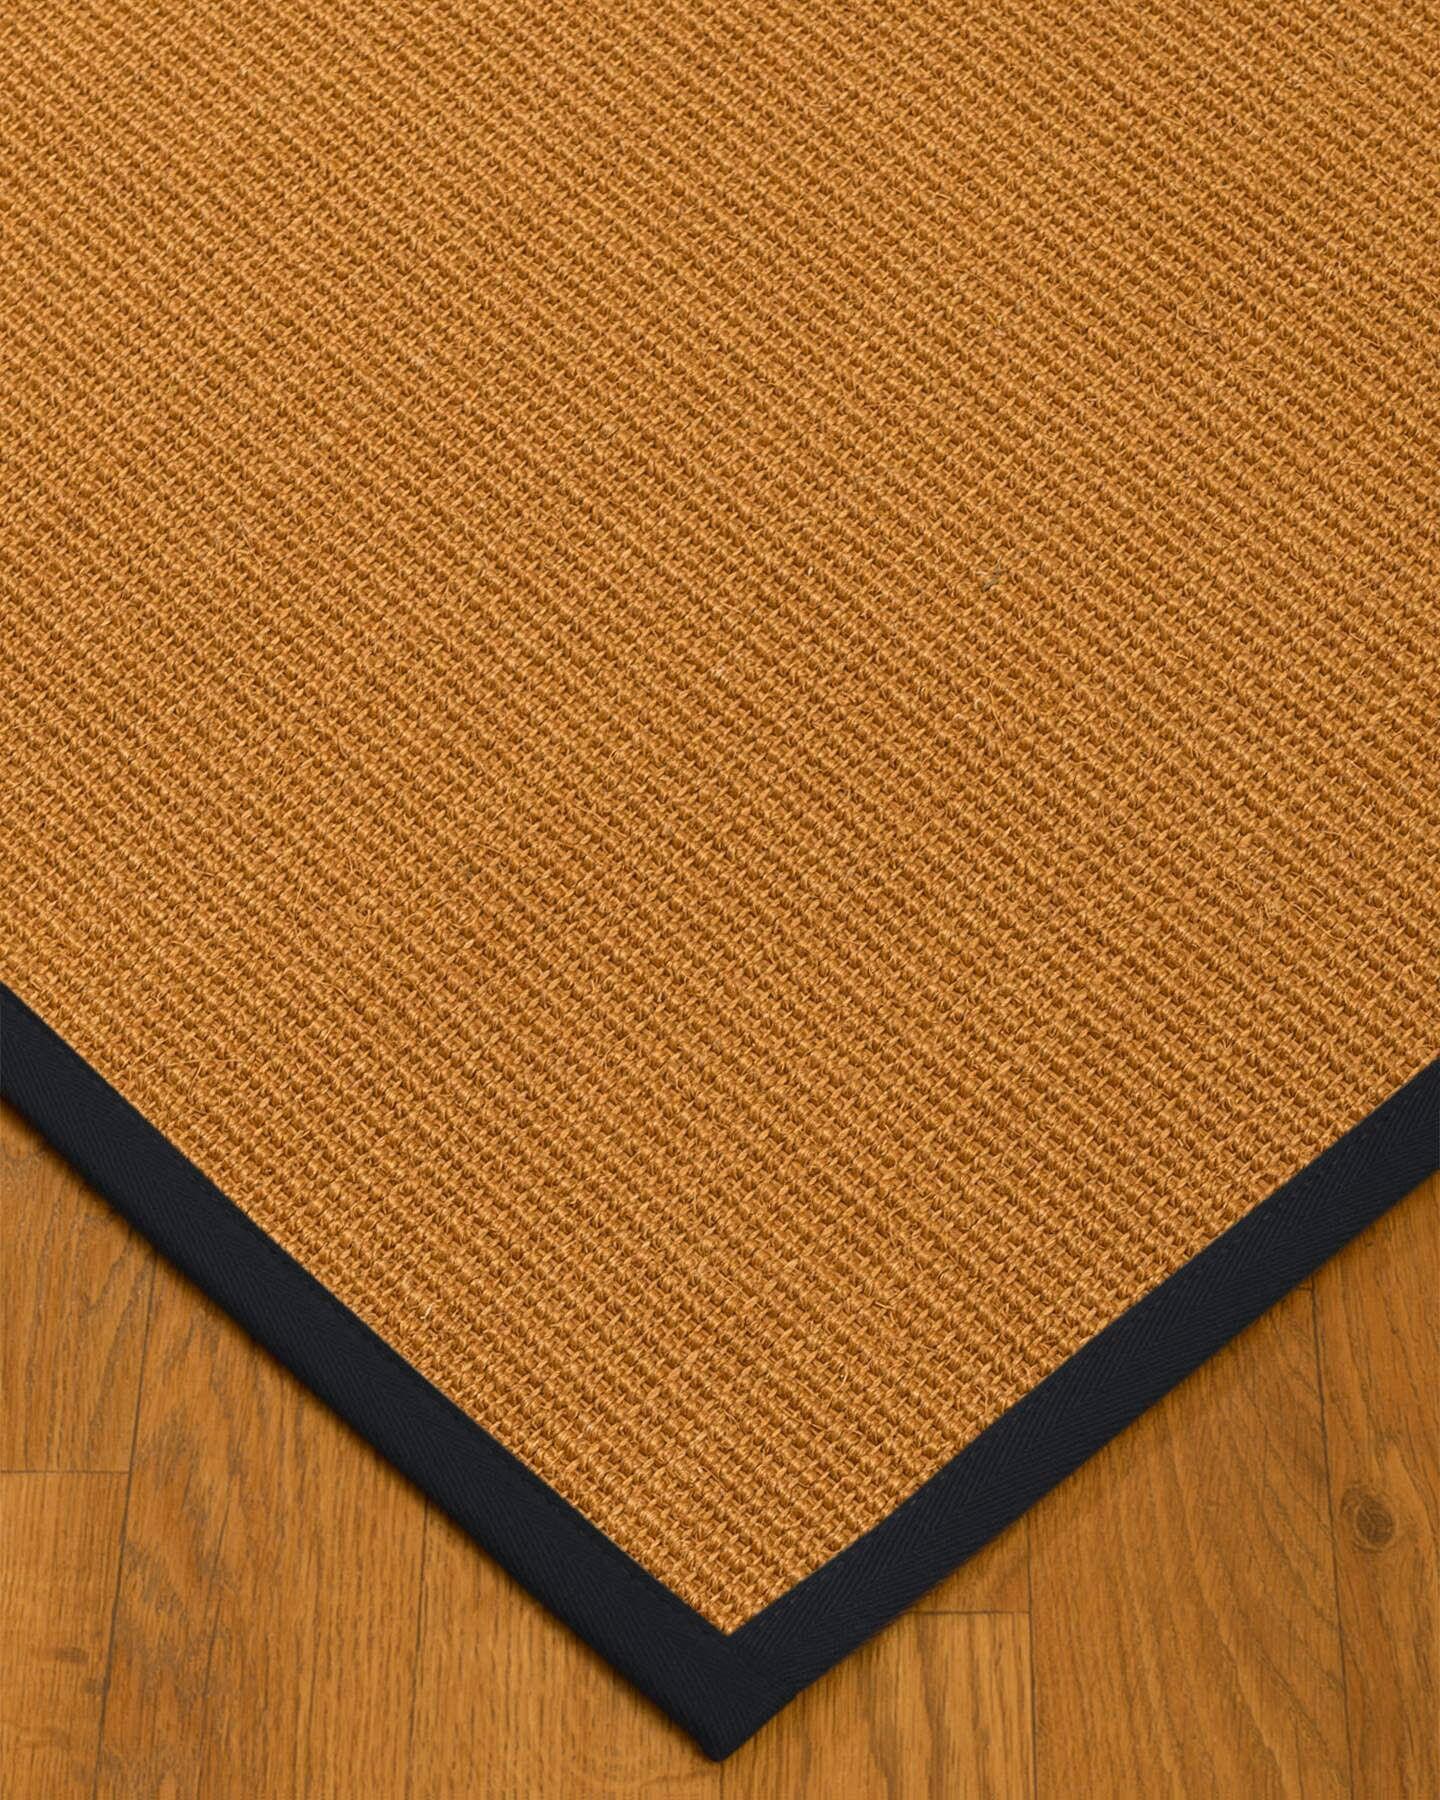 Keltner Border Hand-Woven Brown/Black Area Rug Rug Size: Runner 2'6